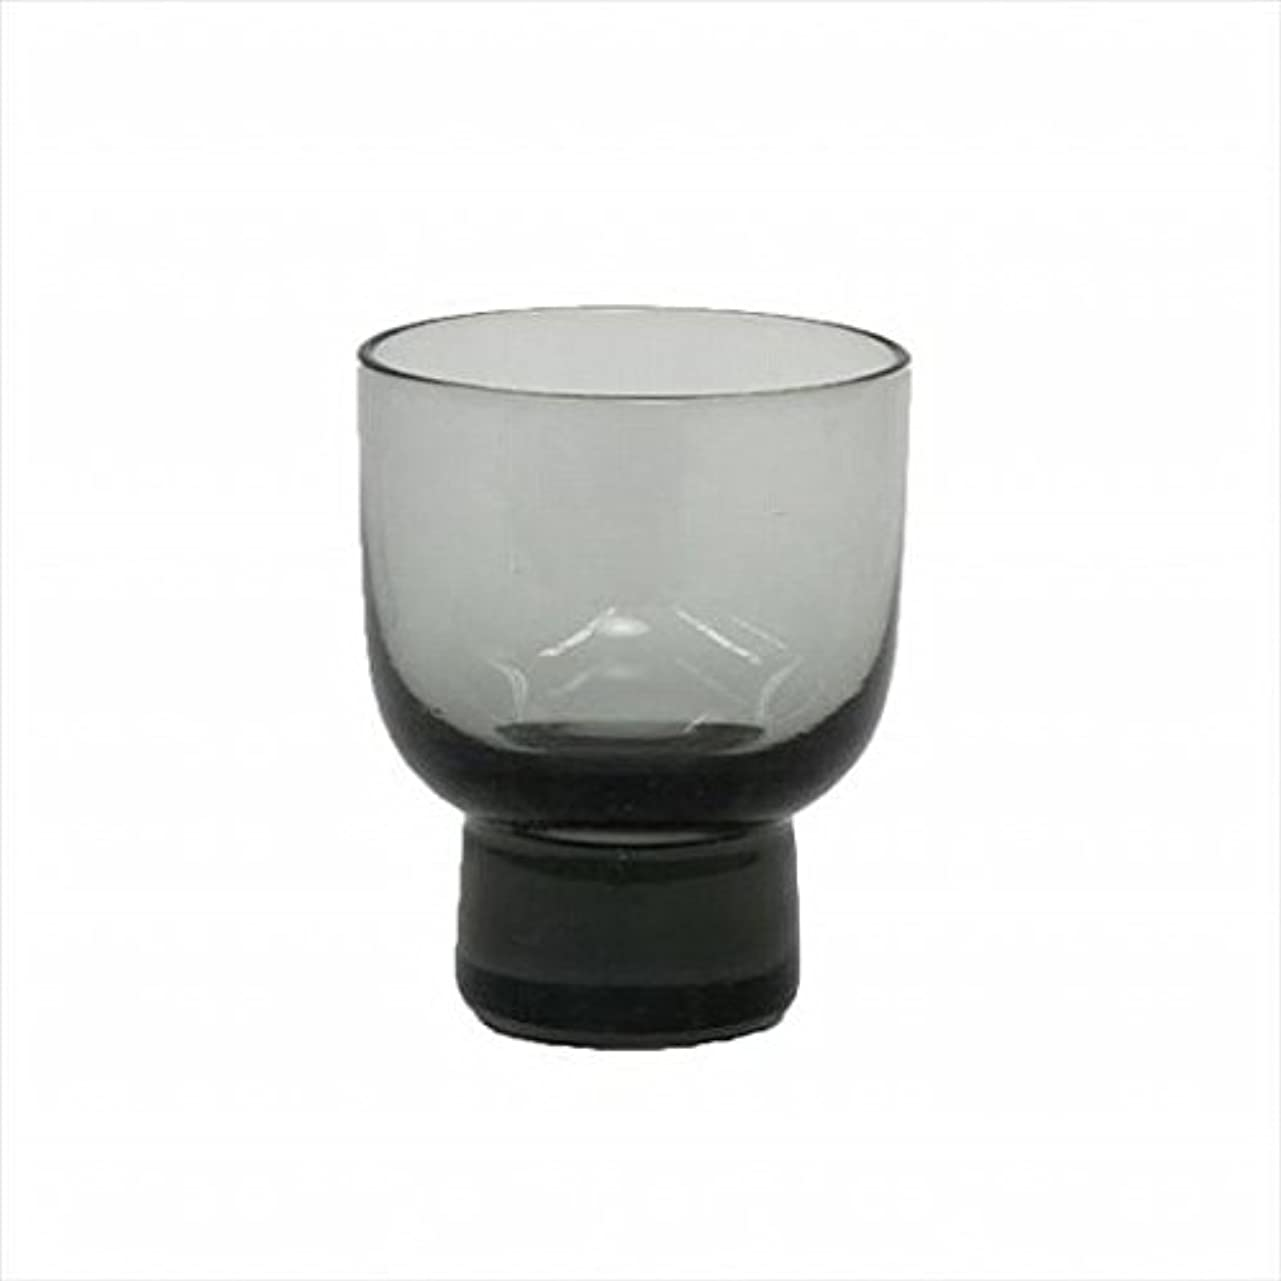 深い原始的なシュガーkameyama candle(カメヤマキャンドル) ロキカップ 「 スモーク 」 キャンドル 58x58x70mm (I8236100SM)